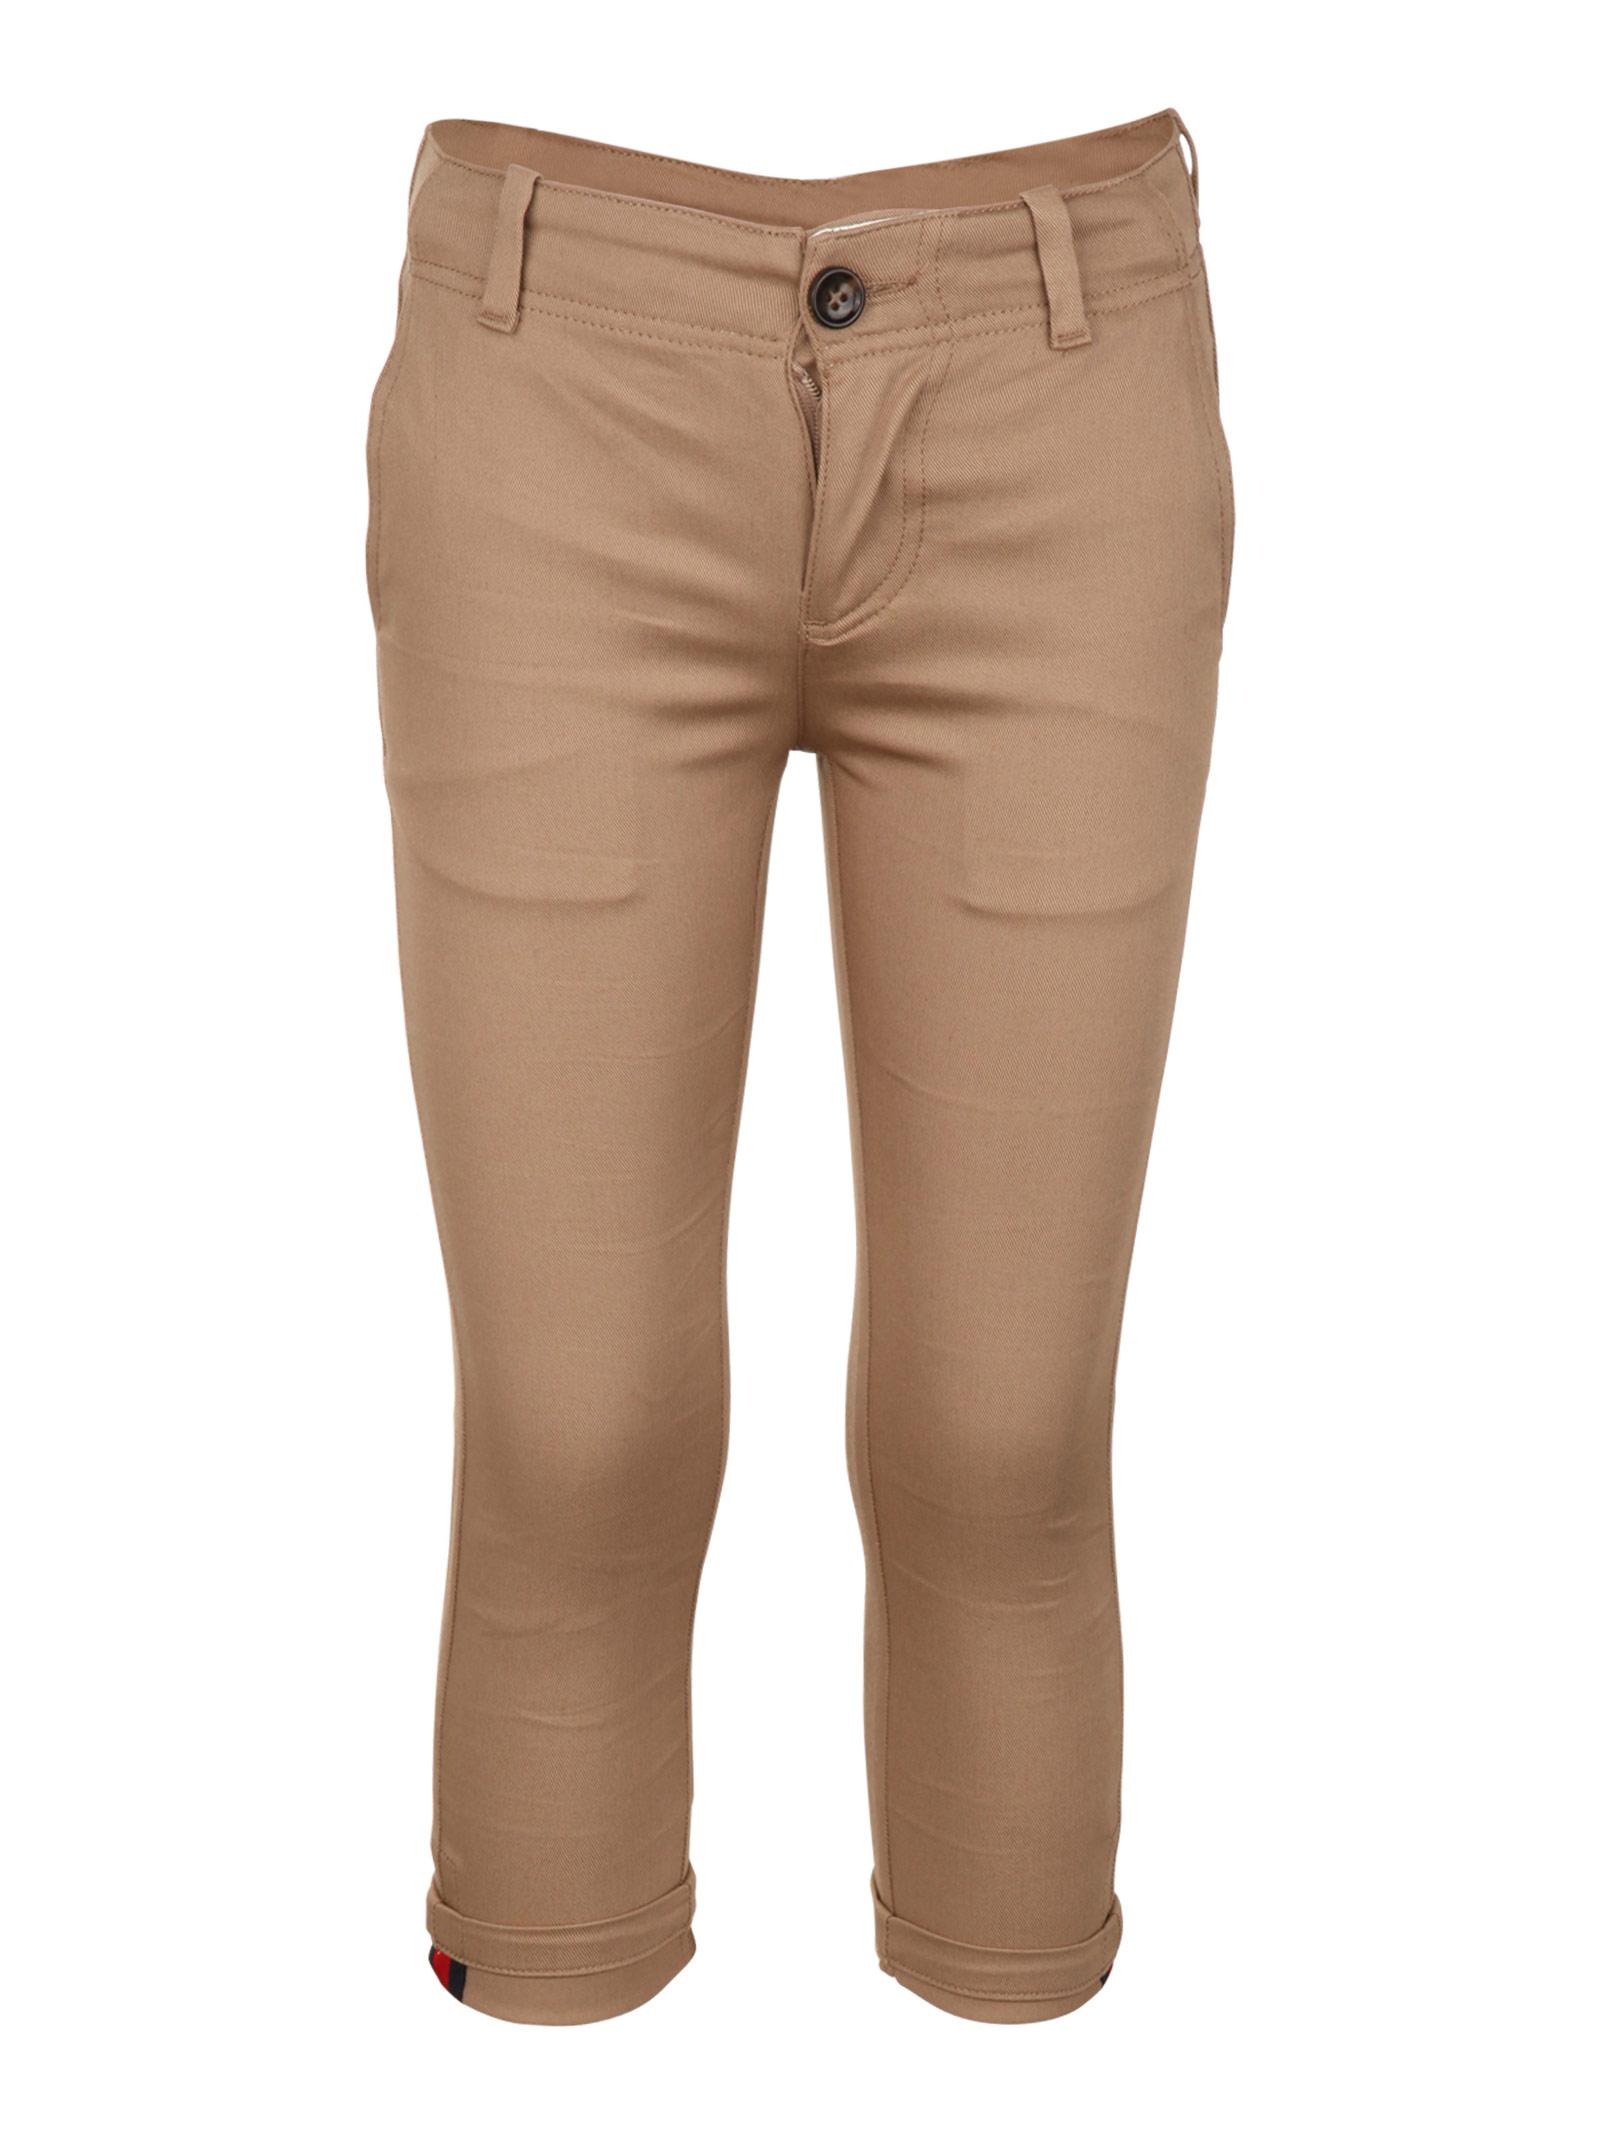 47d437e32205 Michele Franzese Moda. 0. Gucci Junior trousers Gucci Junior